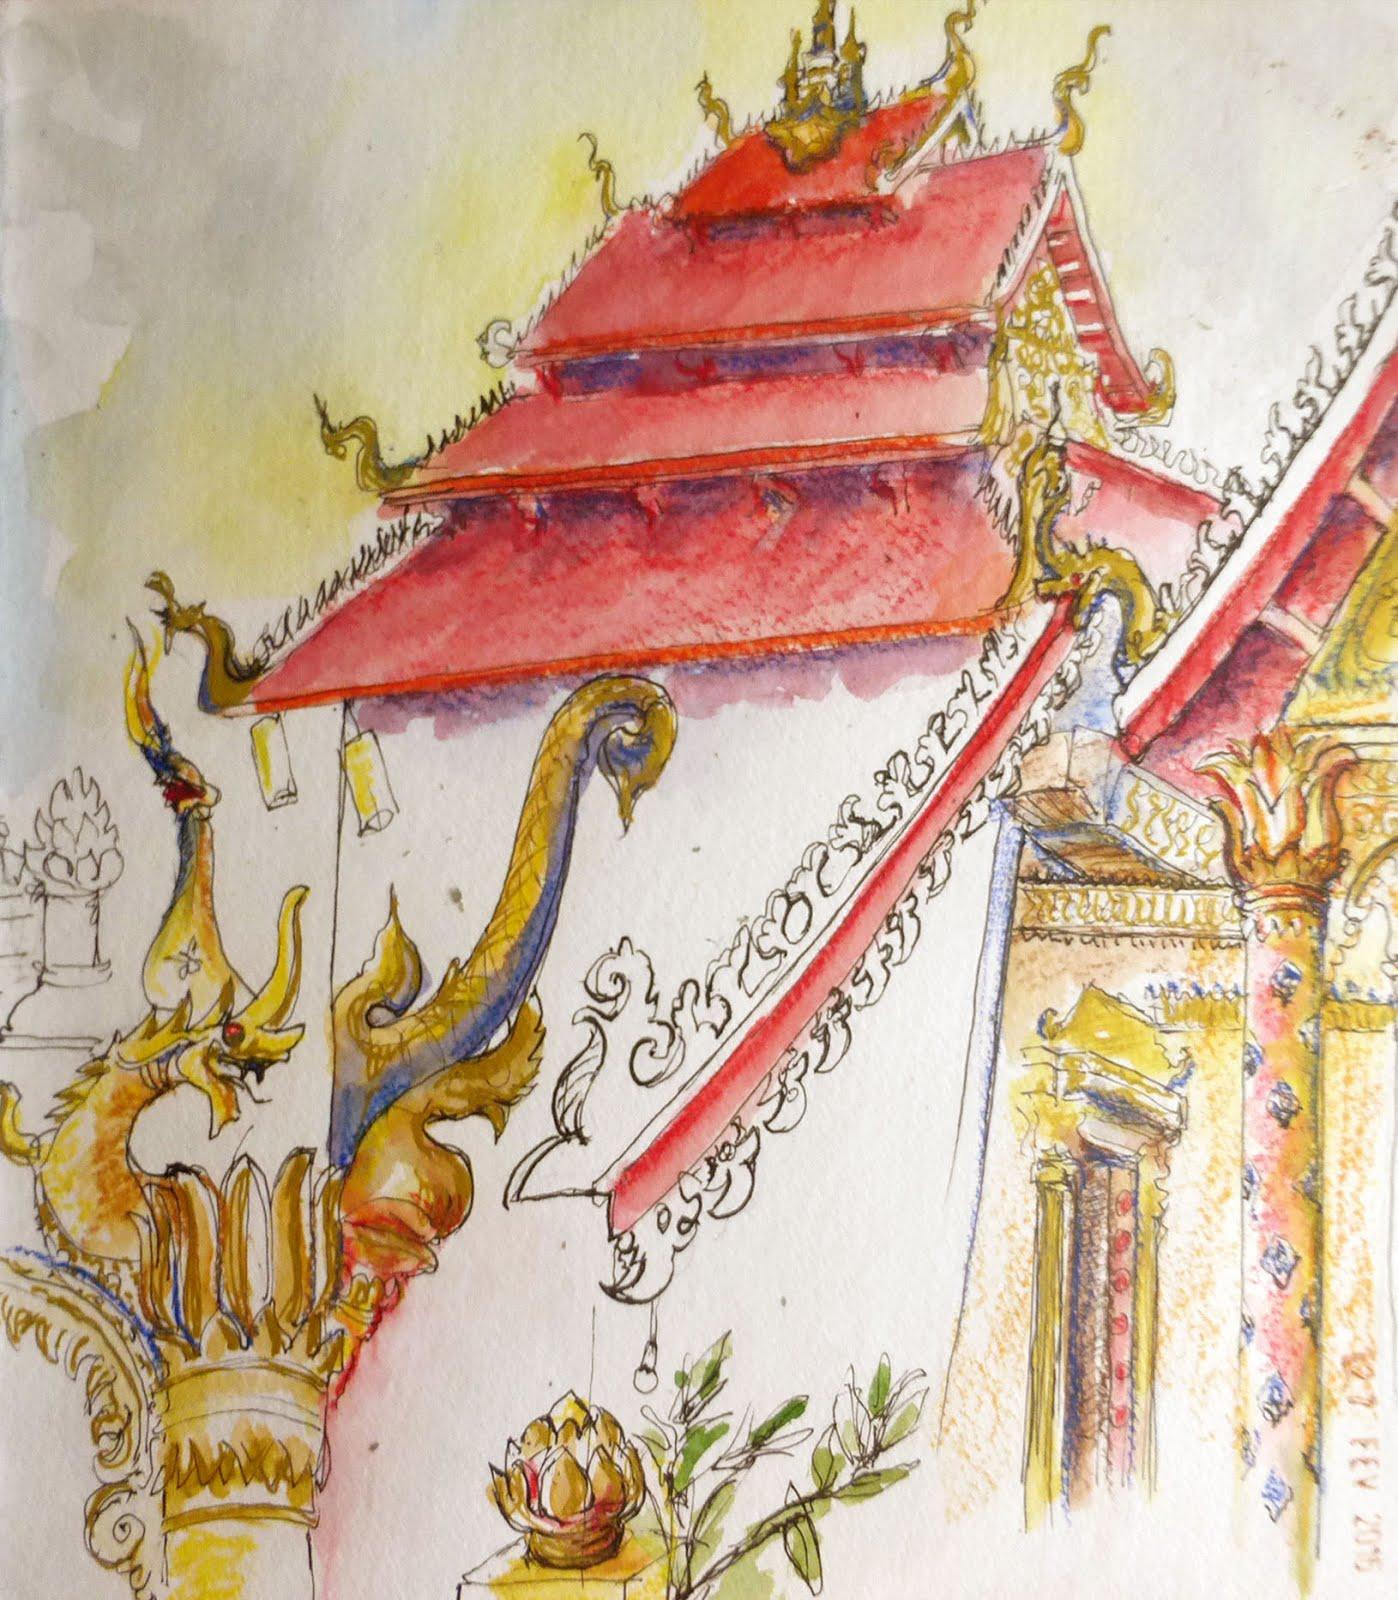 détail de Vat Luang Prabang